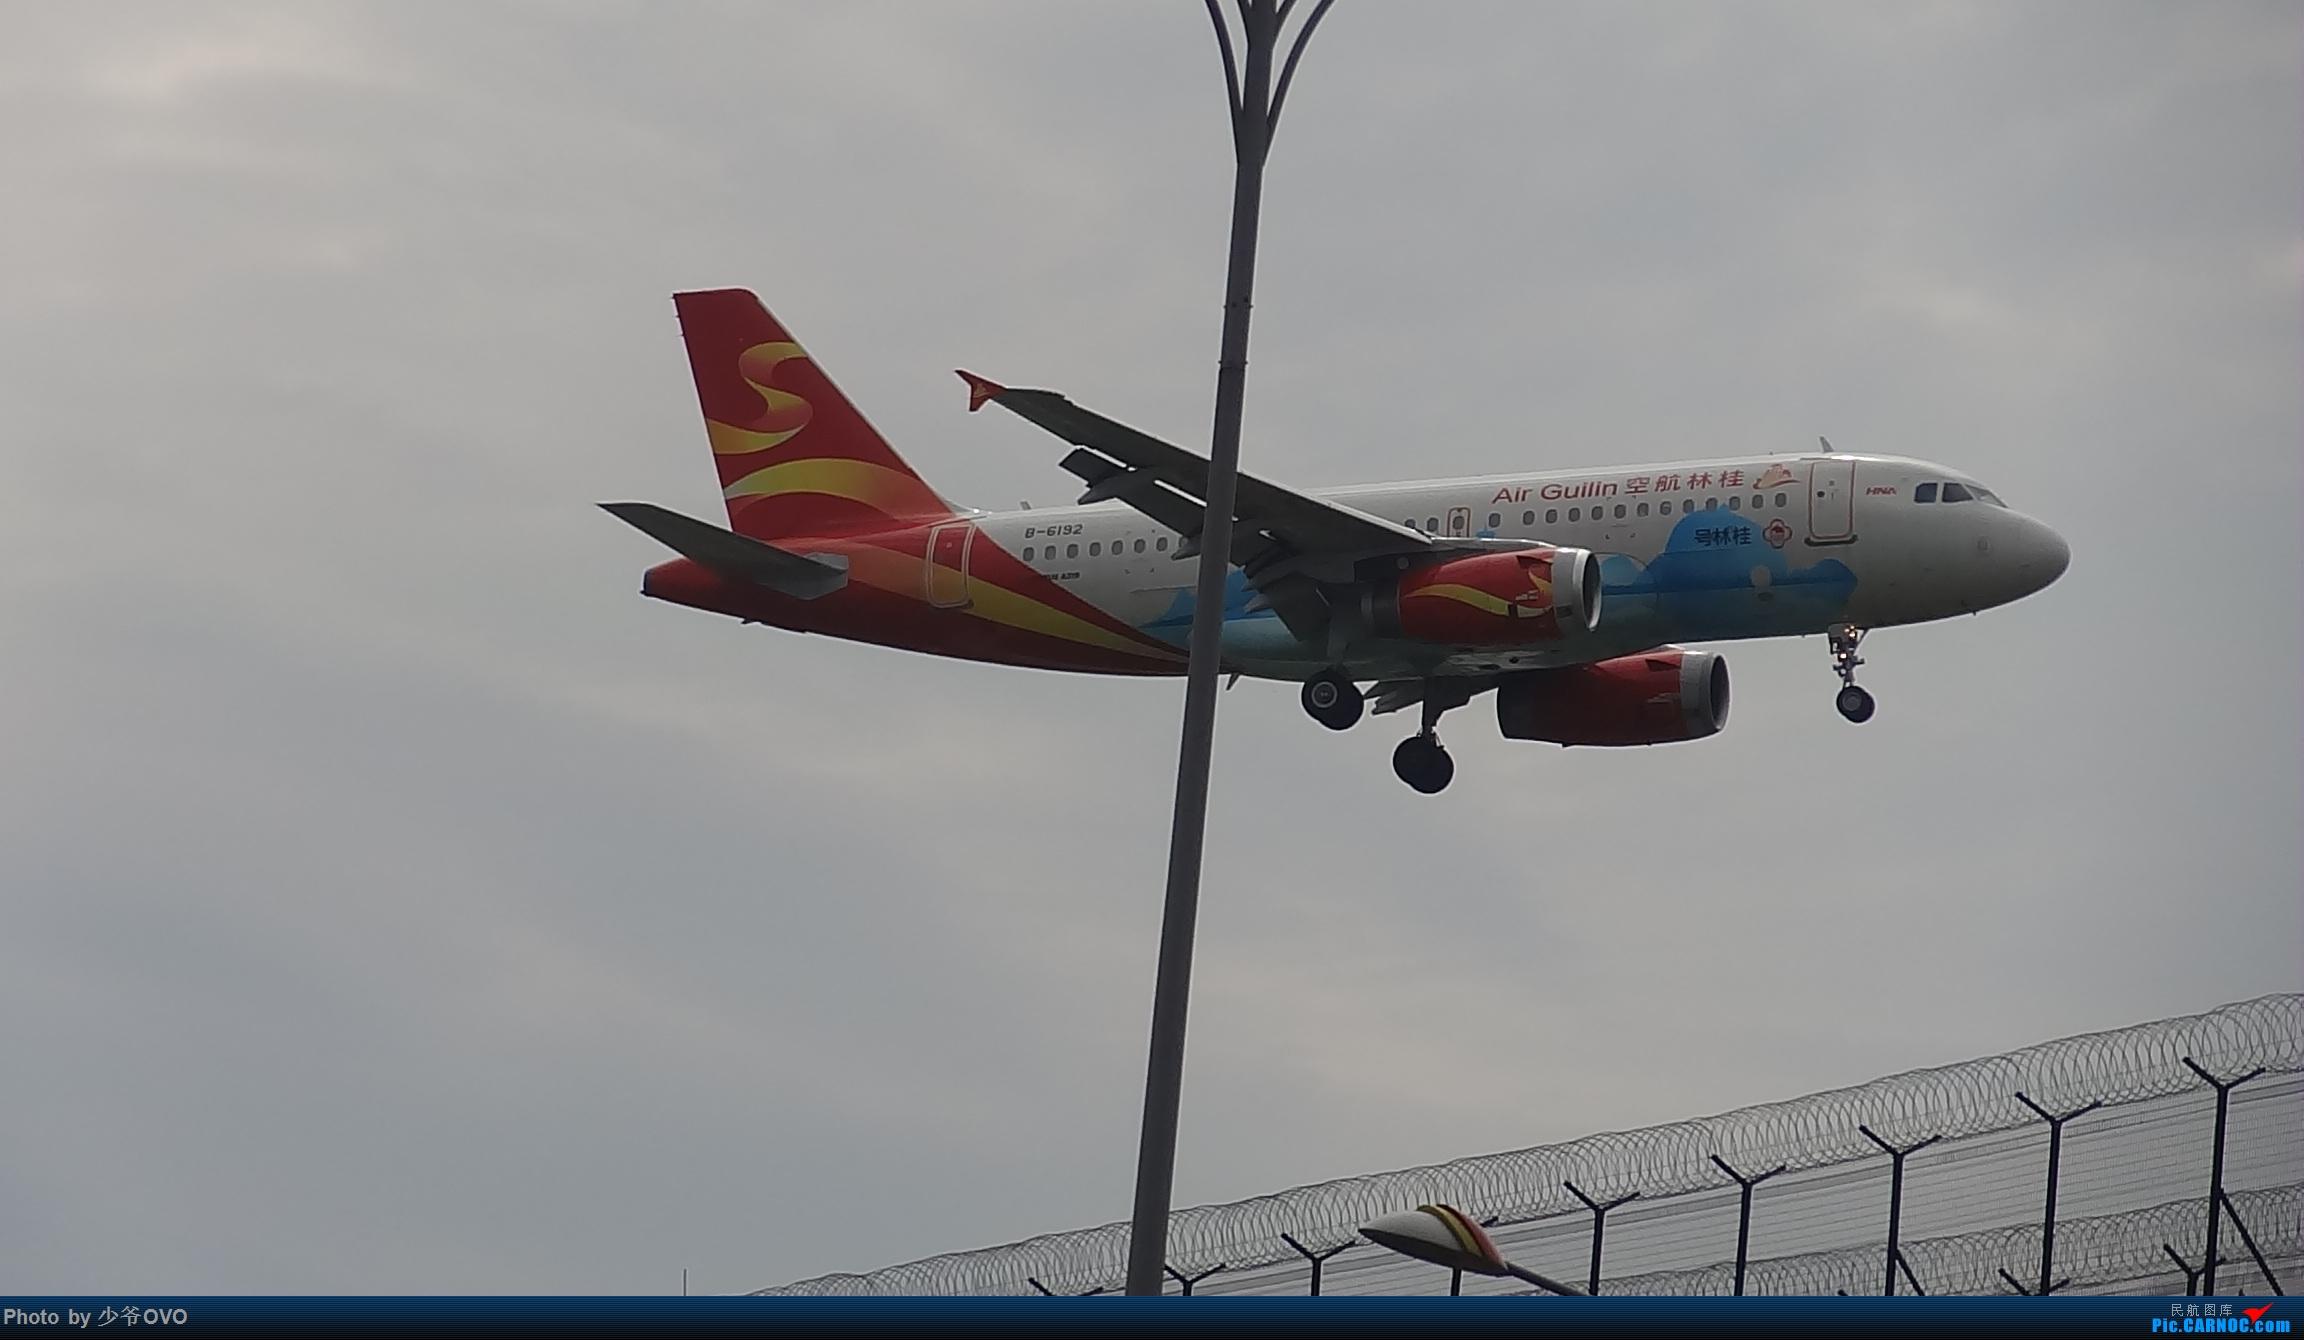 Re:[原创]CKG拍机,数码机最后的倔强 AIRBUS A319-100 B-6192 中国重庆江北国际机场